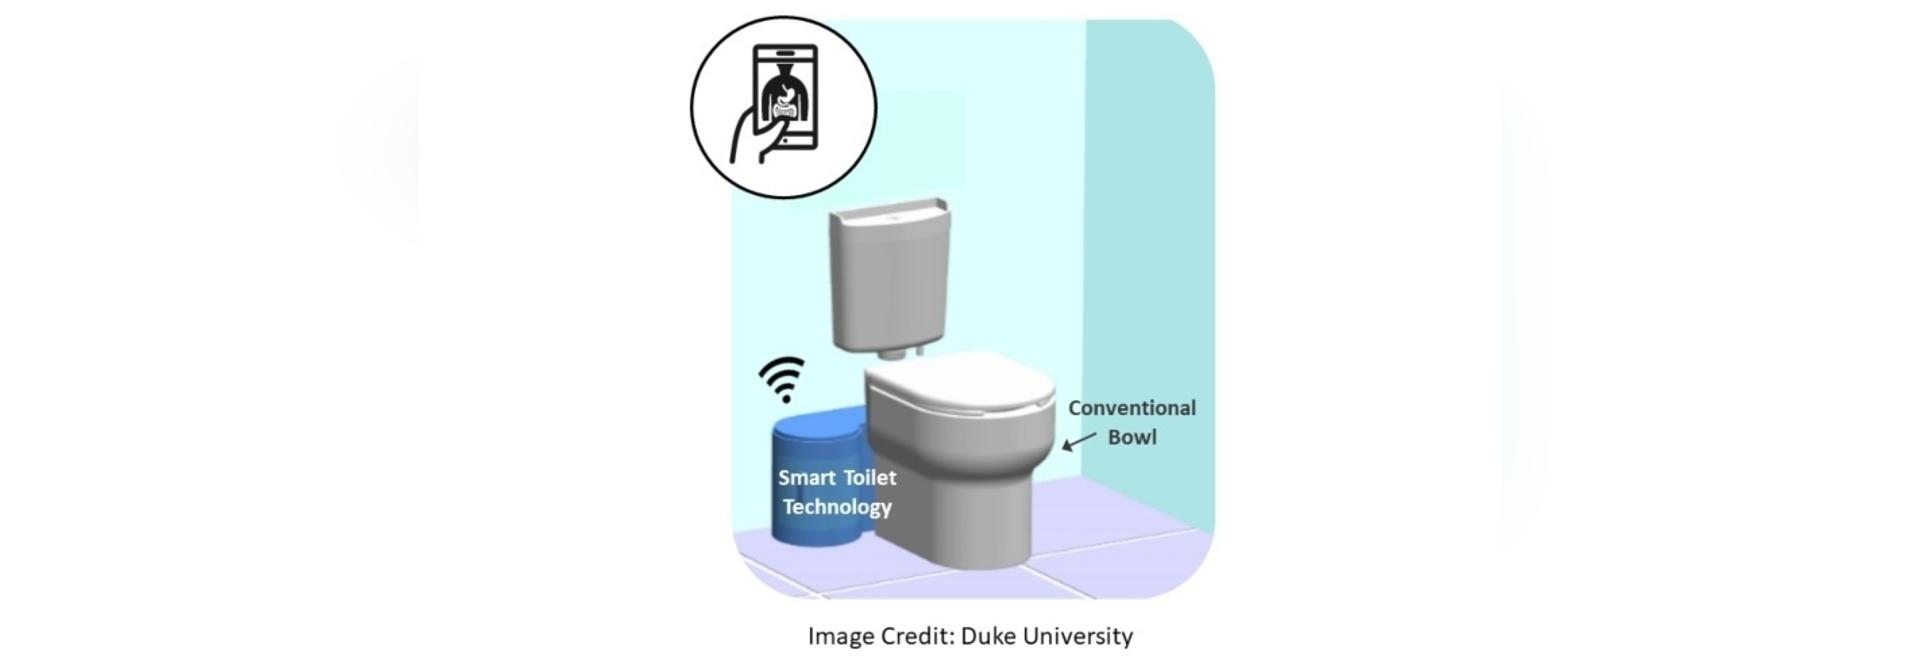 Sorveglianza delle malattie con ogni sciacquone: Introduzione alla toilette intelligente